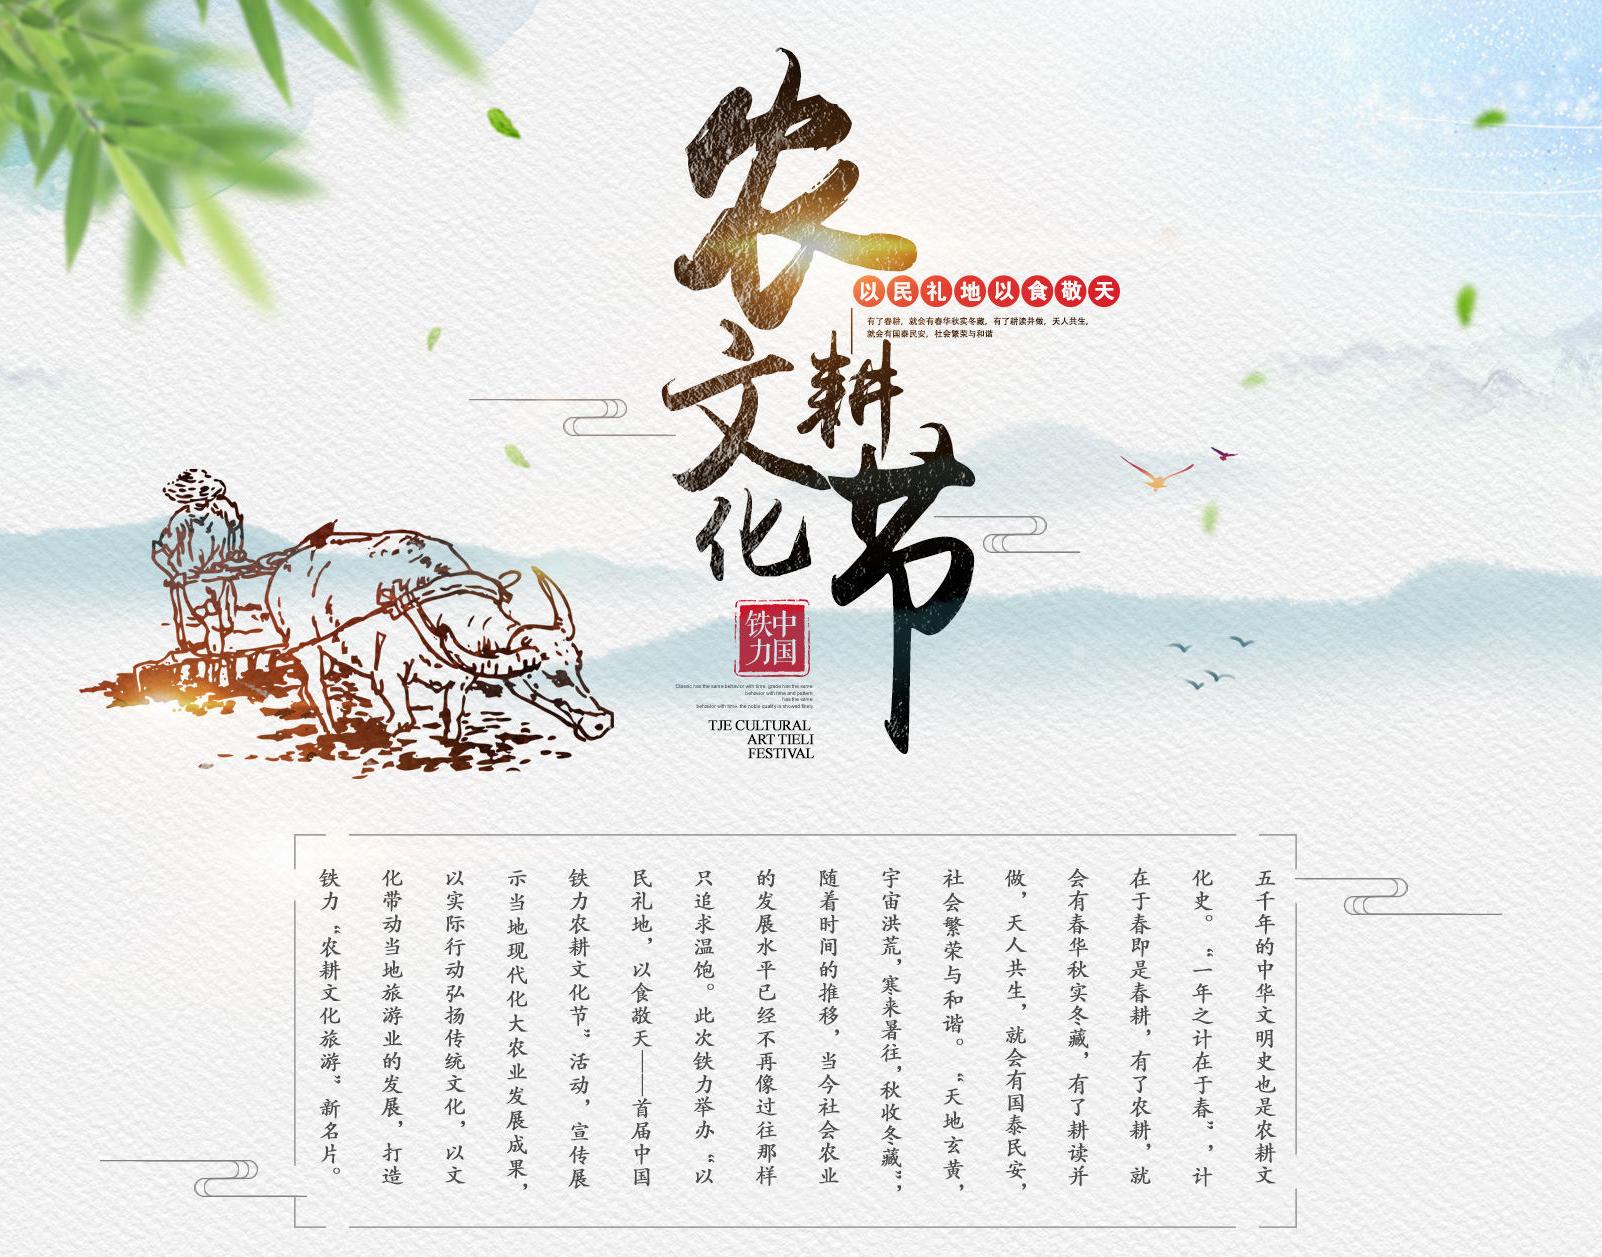 铁力农耕文化节